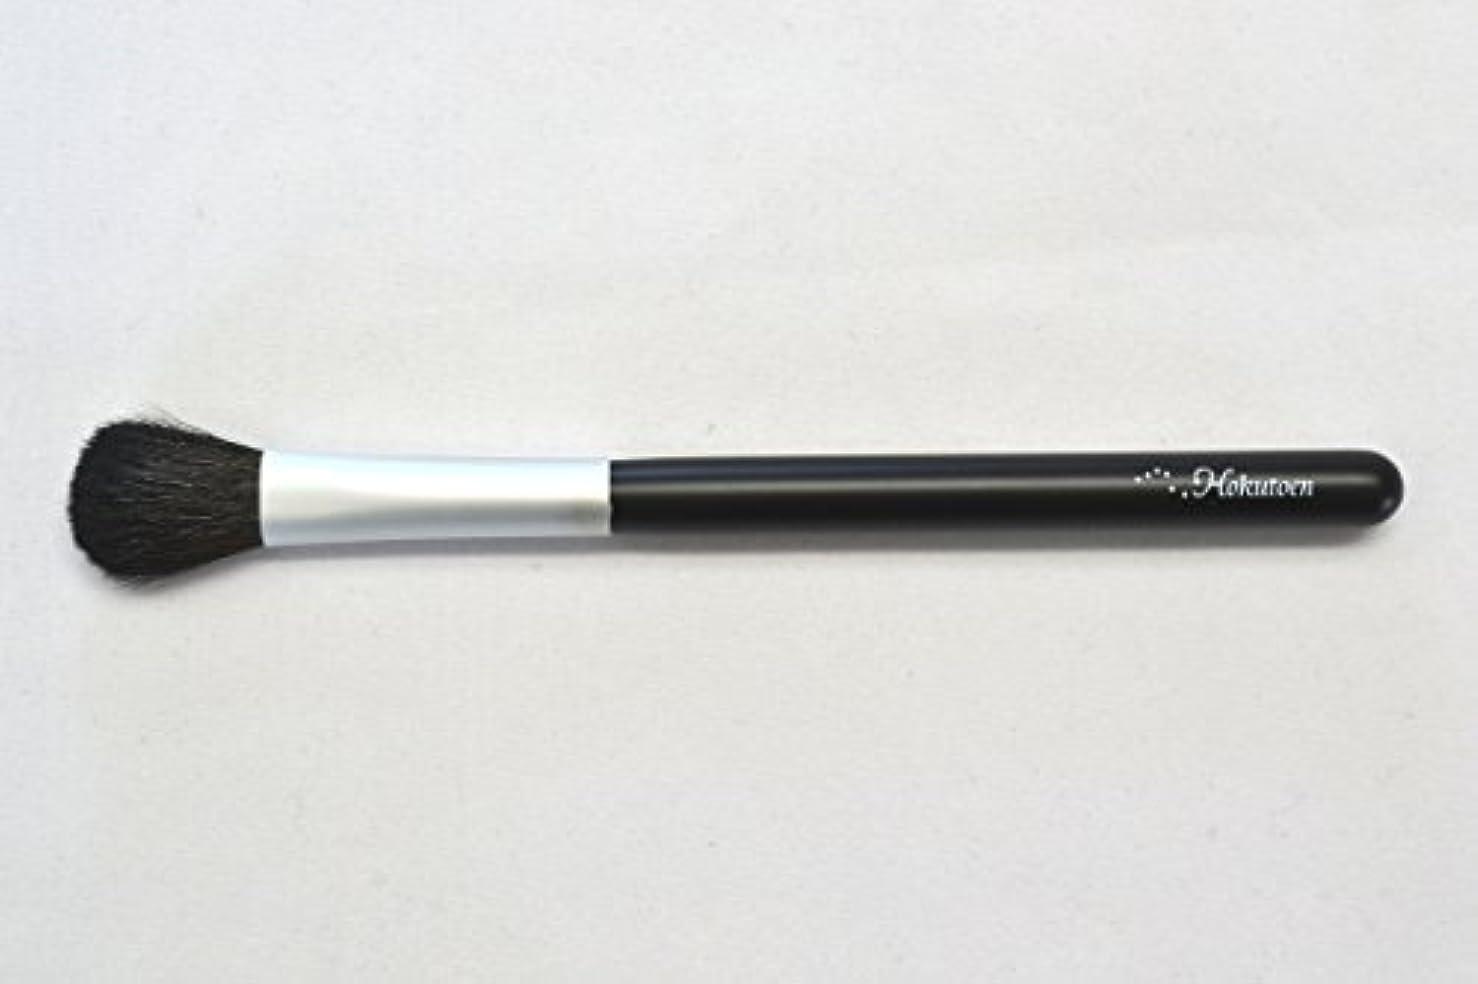 クレーン必需品まだ熊野筆 北斗園 Kシリーズ アイシャドウブラシ山型(黒銀)